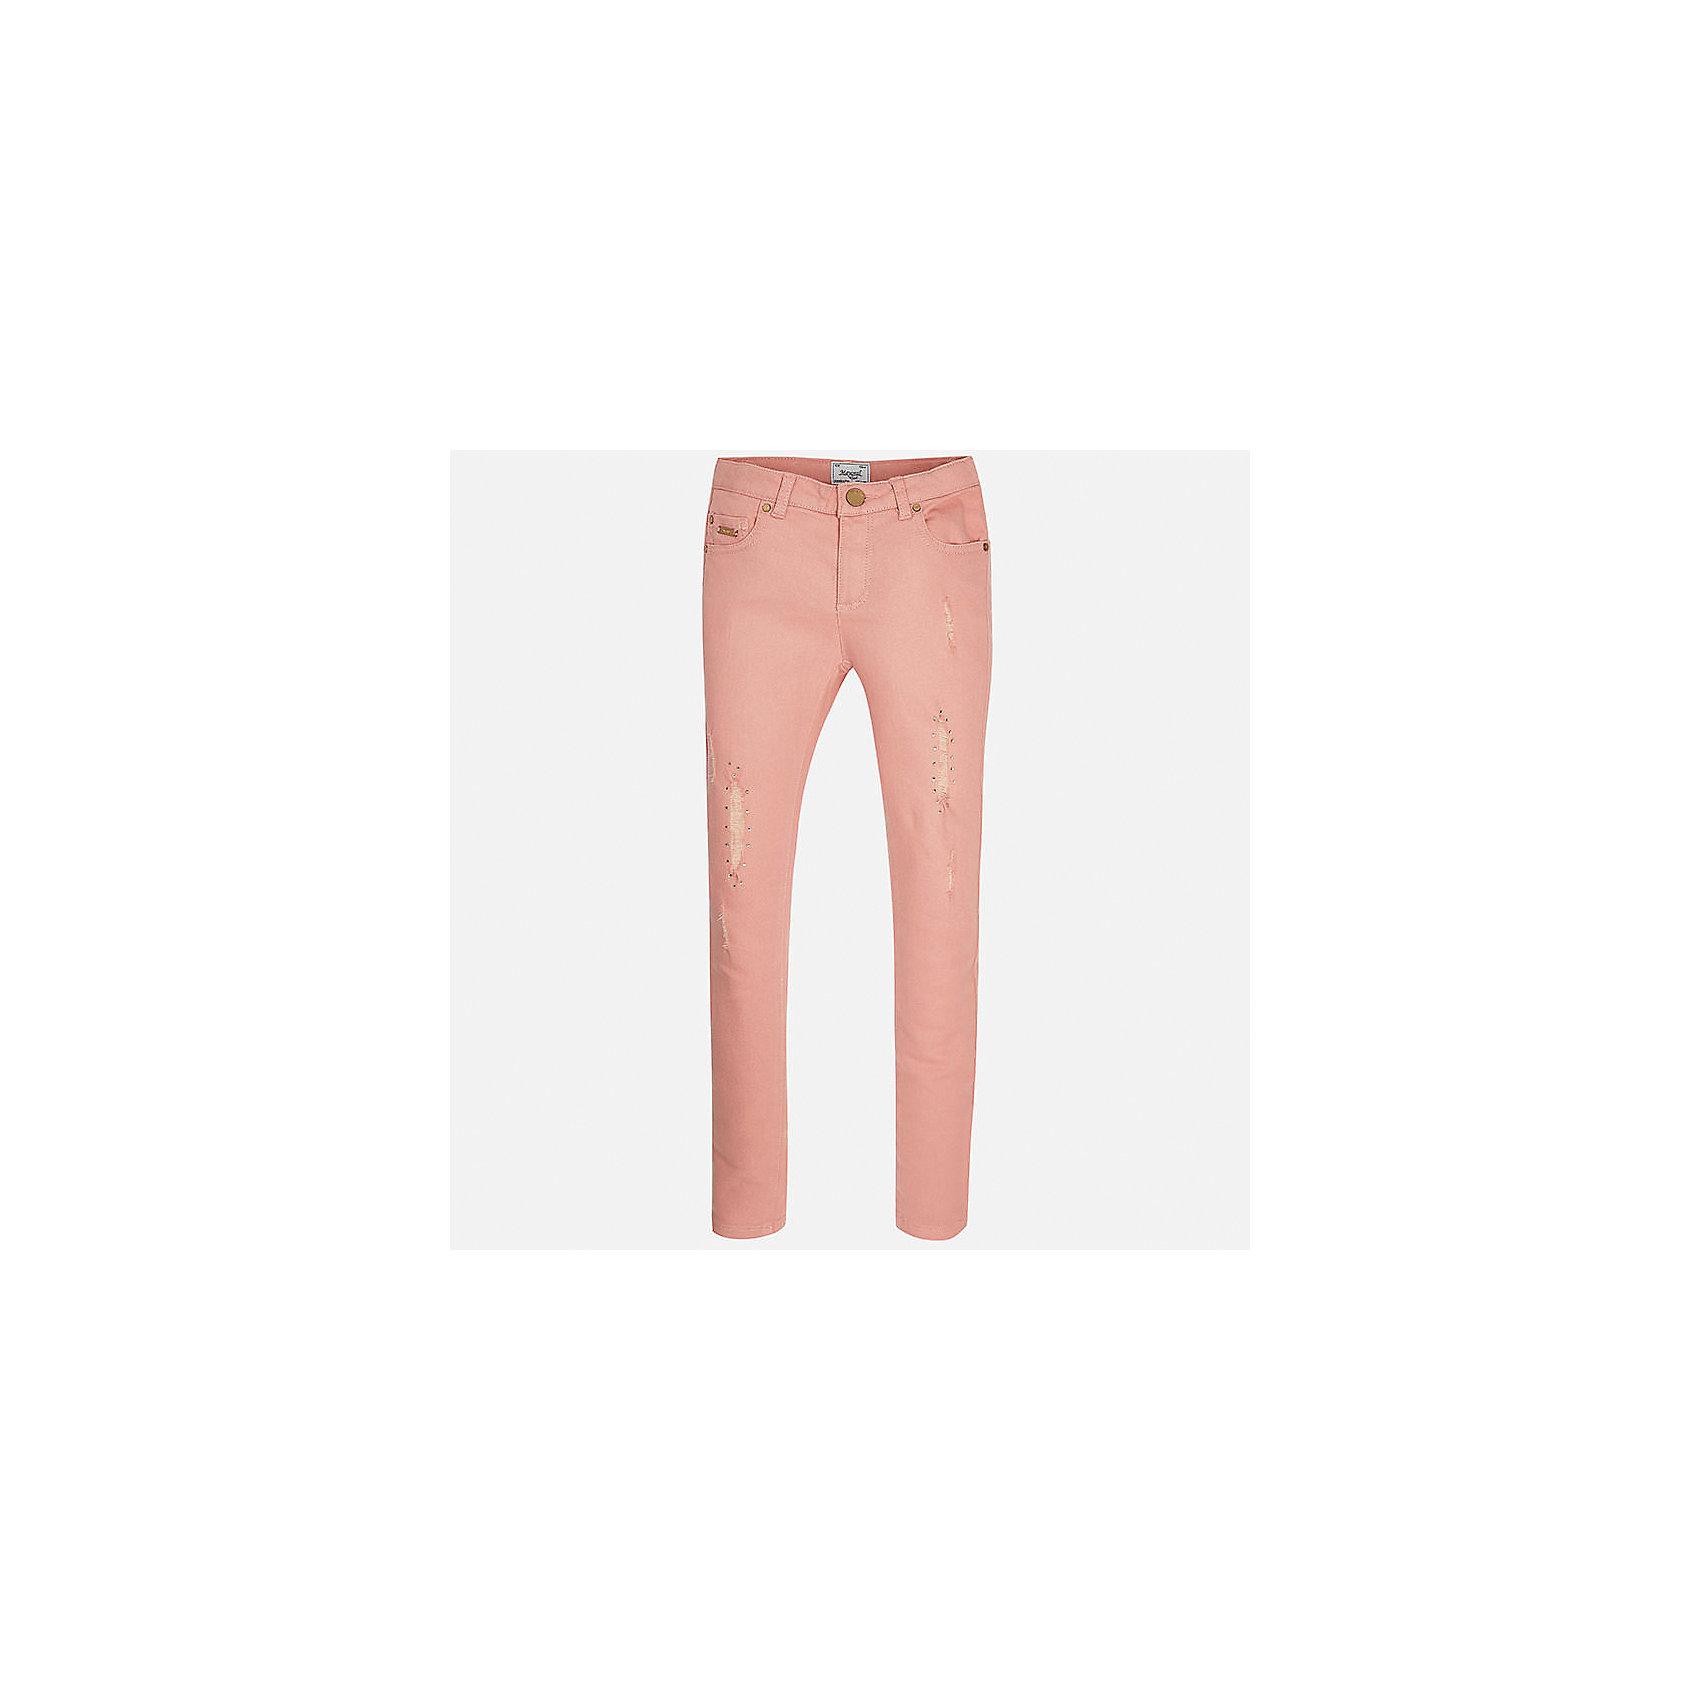 Брюки для девочки MayoralБрюки<br>Характеристики товара:<br><br>• цвет: розовый<br>• состав: 98% хлопок, 2% эластан<br>• классический силуэт<br>• карманы<br>• пояс с регулировкой объема<br>• шлевки<br>• страна бренда: Испания<br><br>Стильные брюки для девочки смогут разнообразить гардероб ребенка и украсить наряд. Они отлично сочетаются с майками, футболками, блузками. Красивый оттенок позволяет подобрать к вещи верх разных расцветок. Интересный крой модели делает её нарядной и оригинальной. В составе материала - натуральный хлопок, гипоаллергенный, приятный на ощупь, дышащий.<br><br>Одежда, обувь и аксессуары от испанского бренда Mayoral полюбились детям и взрослым по всему миру. Модели этой марки - стильные и удобные. Для их производства используются только безопасные, качественные материалы и фурнитура. Порадуйте ребенка модными и красивыми вещами от Mayoral! <br><br>Брюки для девочки от испанского бренда Mayoral (Майорал) можно купить в нашем интернет-магазине.<br><br>Ширина мм: 215<br>Глубина мм: 88<br>Высота мм: 191<br>Вес г: 336<br>Цвет: розовый<br>Возраст от месяцев: 84<br>Возраст до месяцев: 96<br>Пол: Женский<br>Возраст: Детский<br>Размер: 128/134,170,164,158,152,140<br>SKU: 5293020